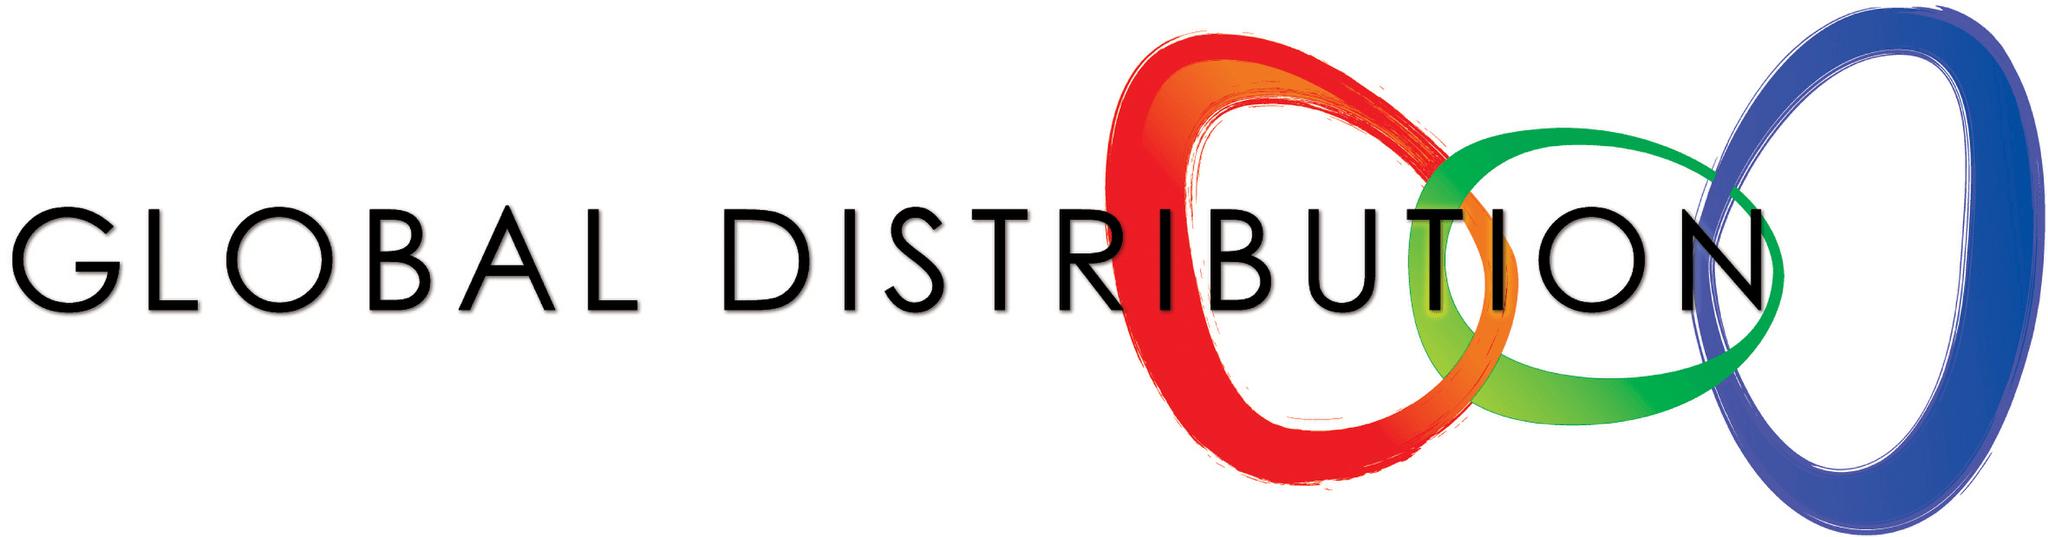 global-distribution.png